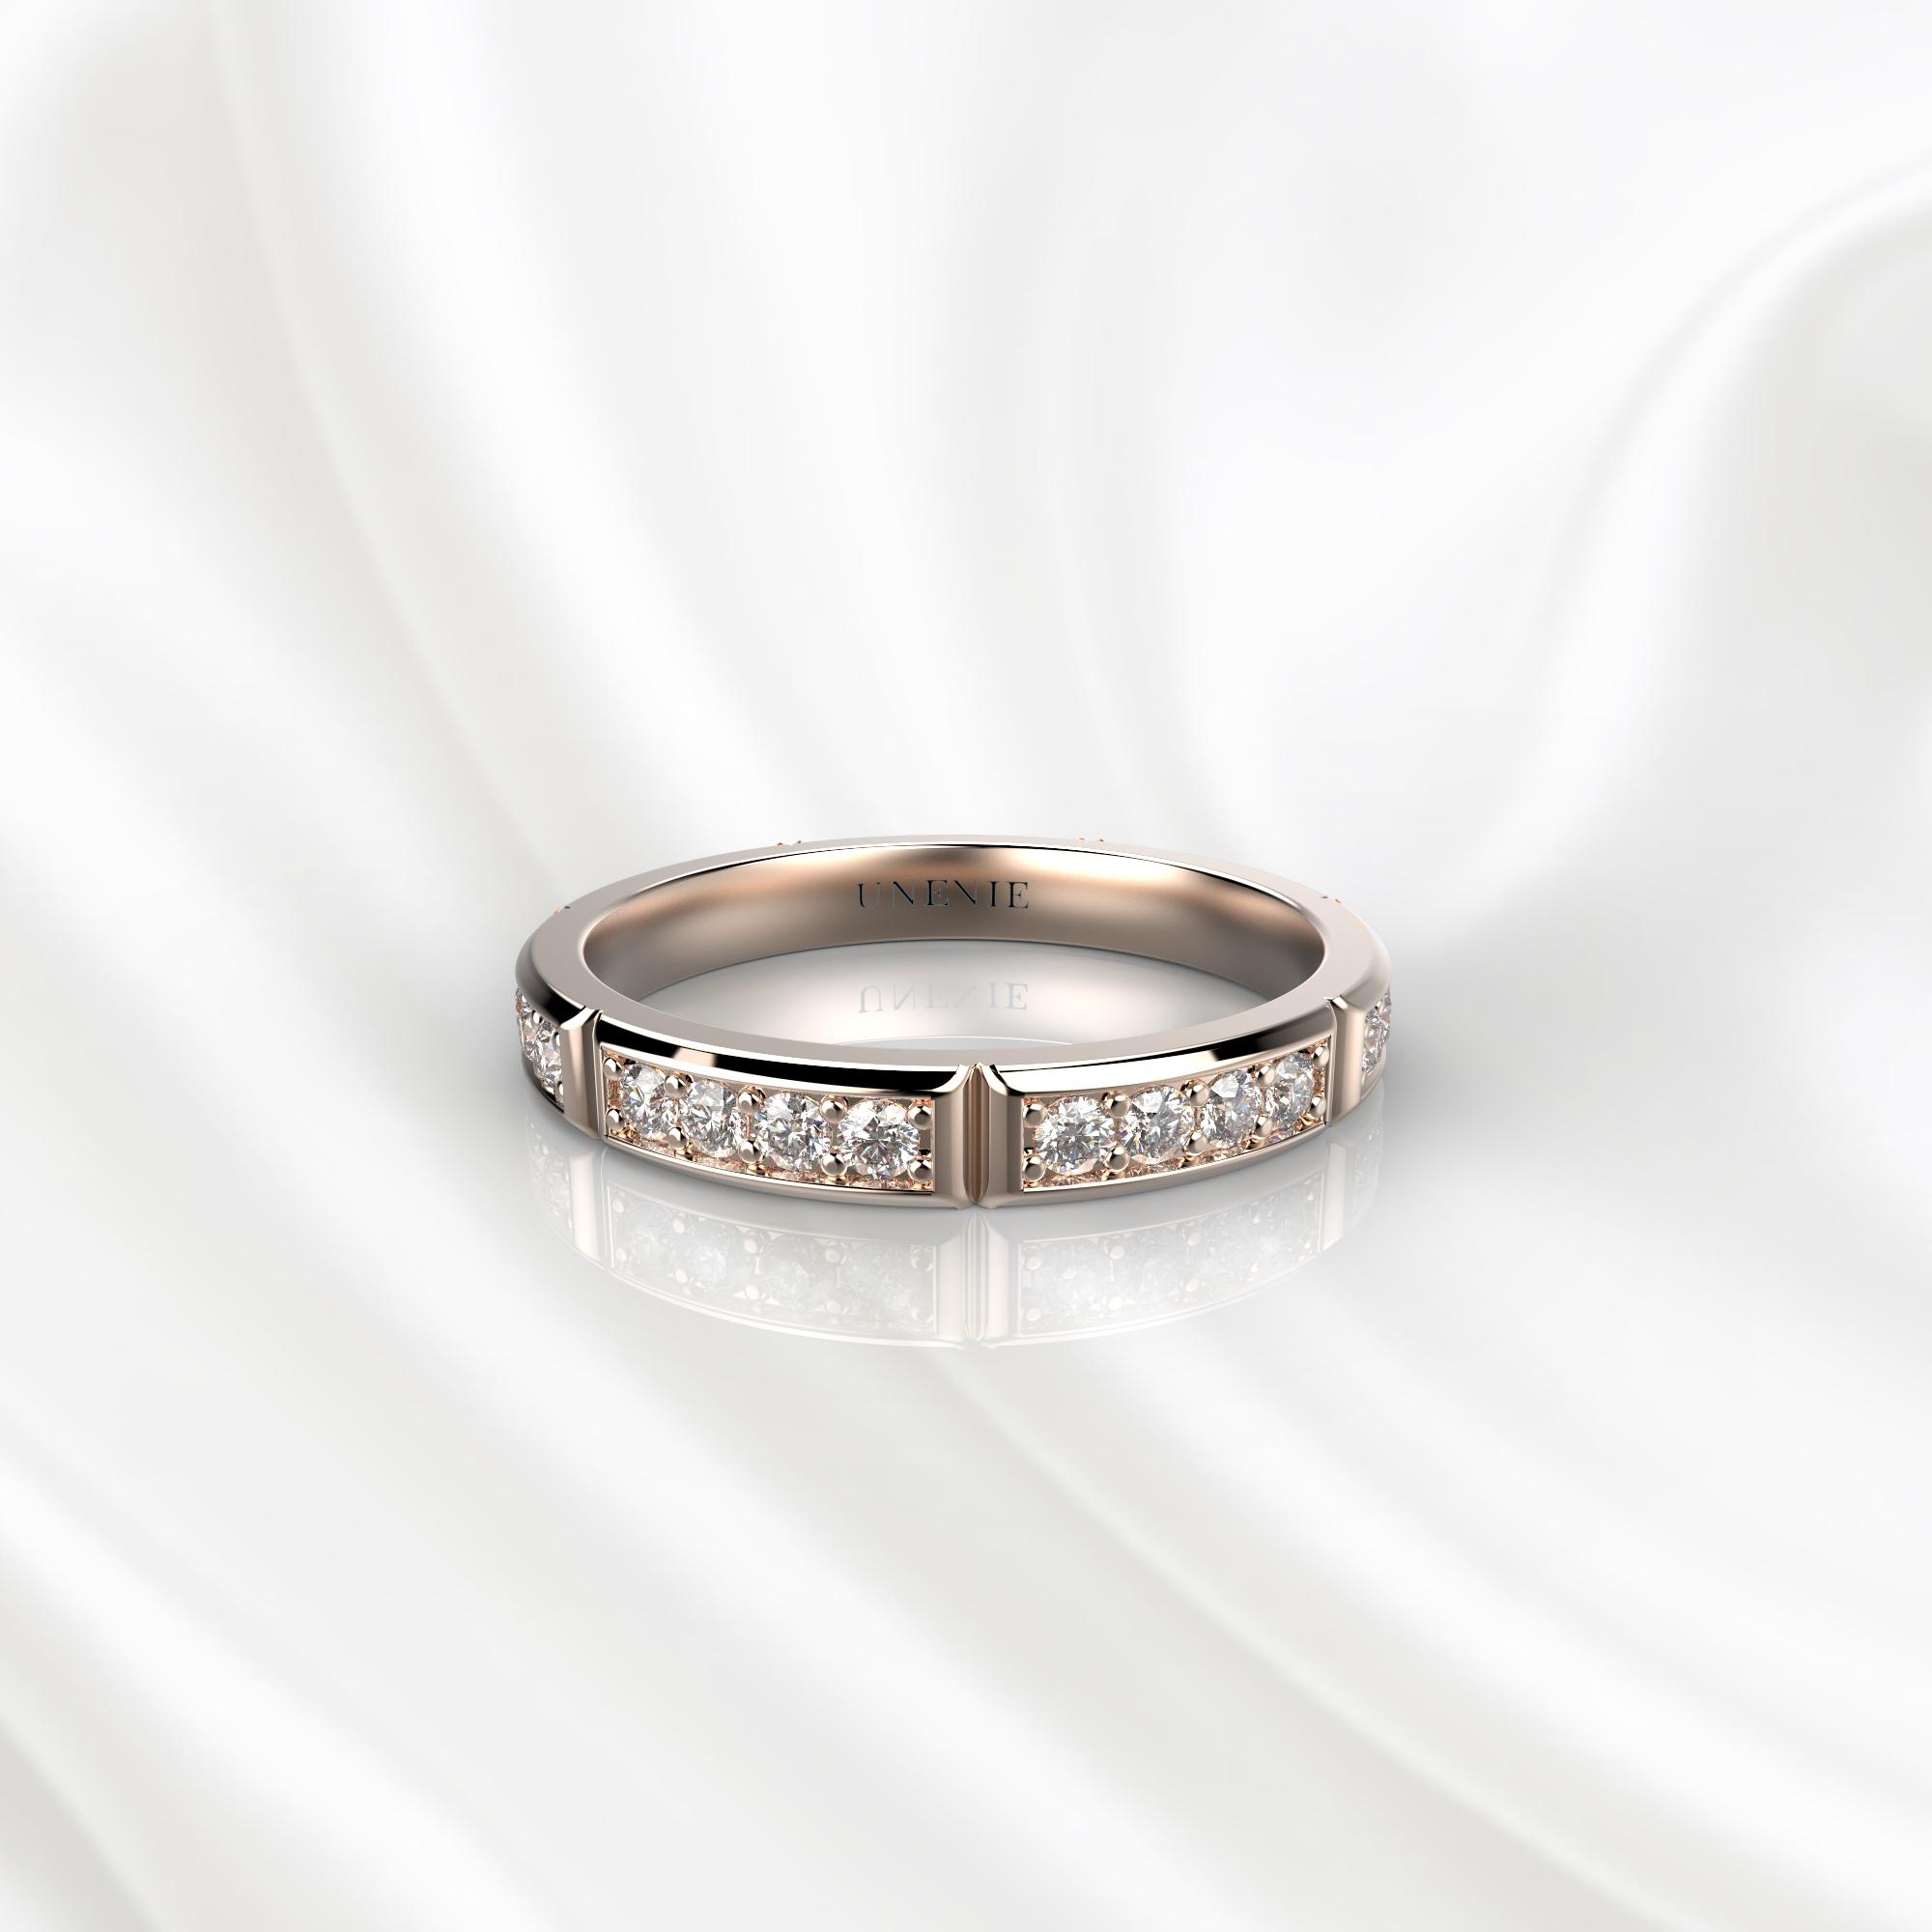 E17 Обручальное кольцо из розового золота с 28 бриллиантами